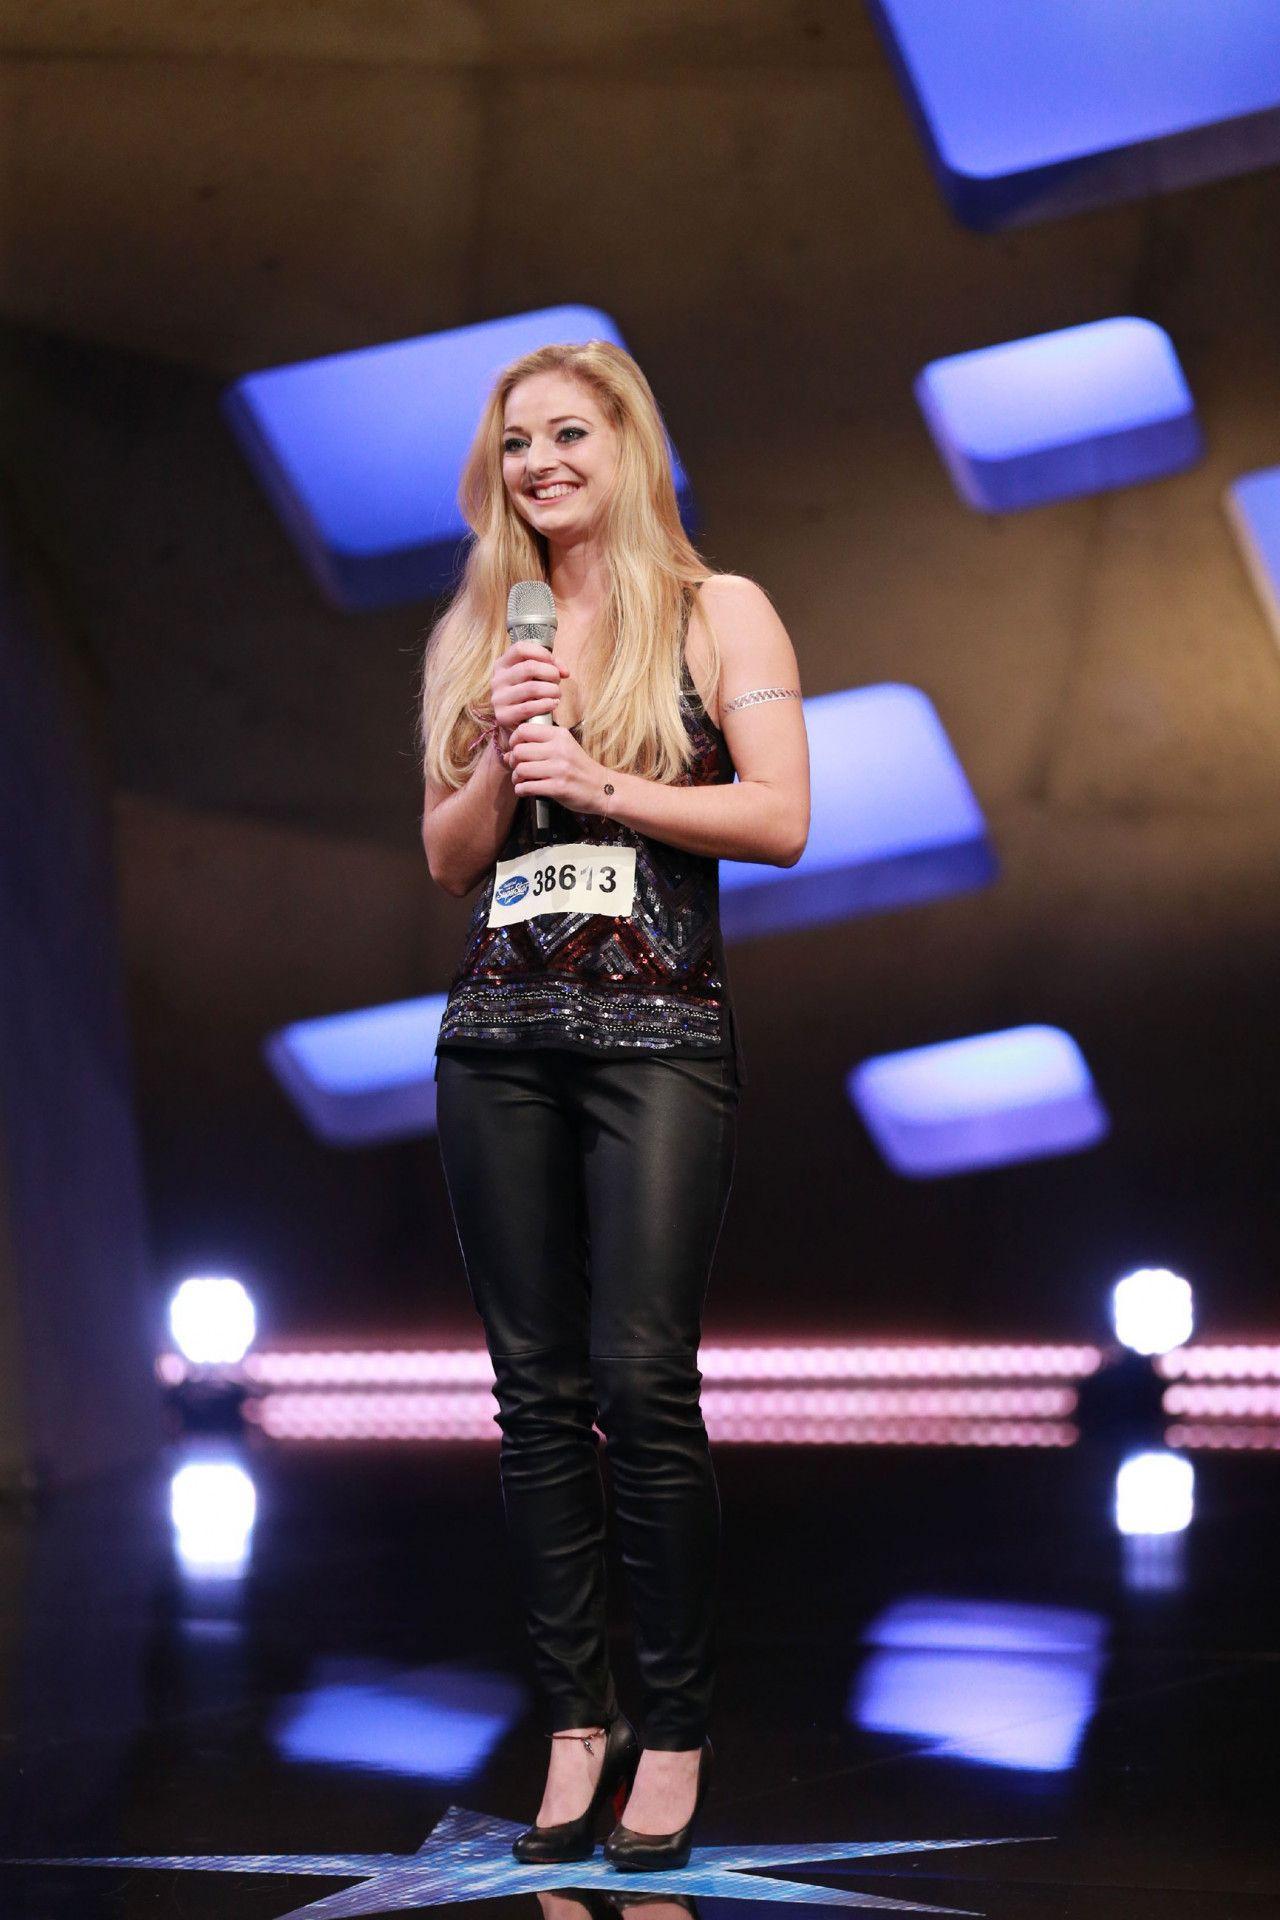 Chiara Ambros aus Wien singt gleich zwei Lieder vor.